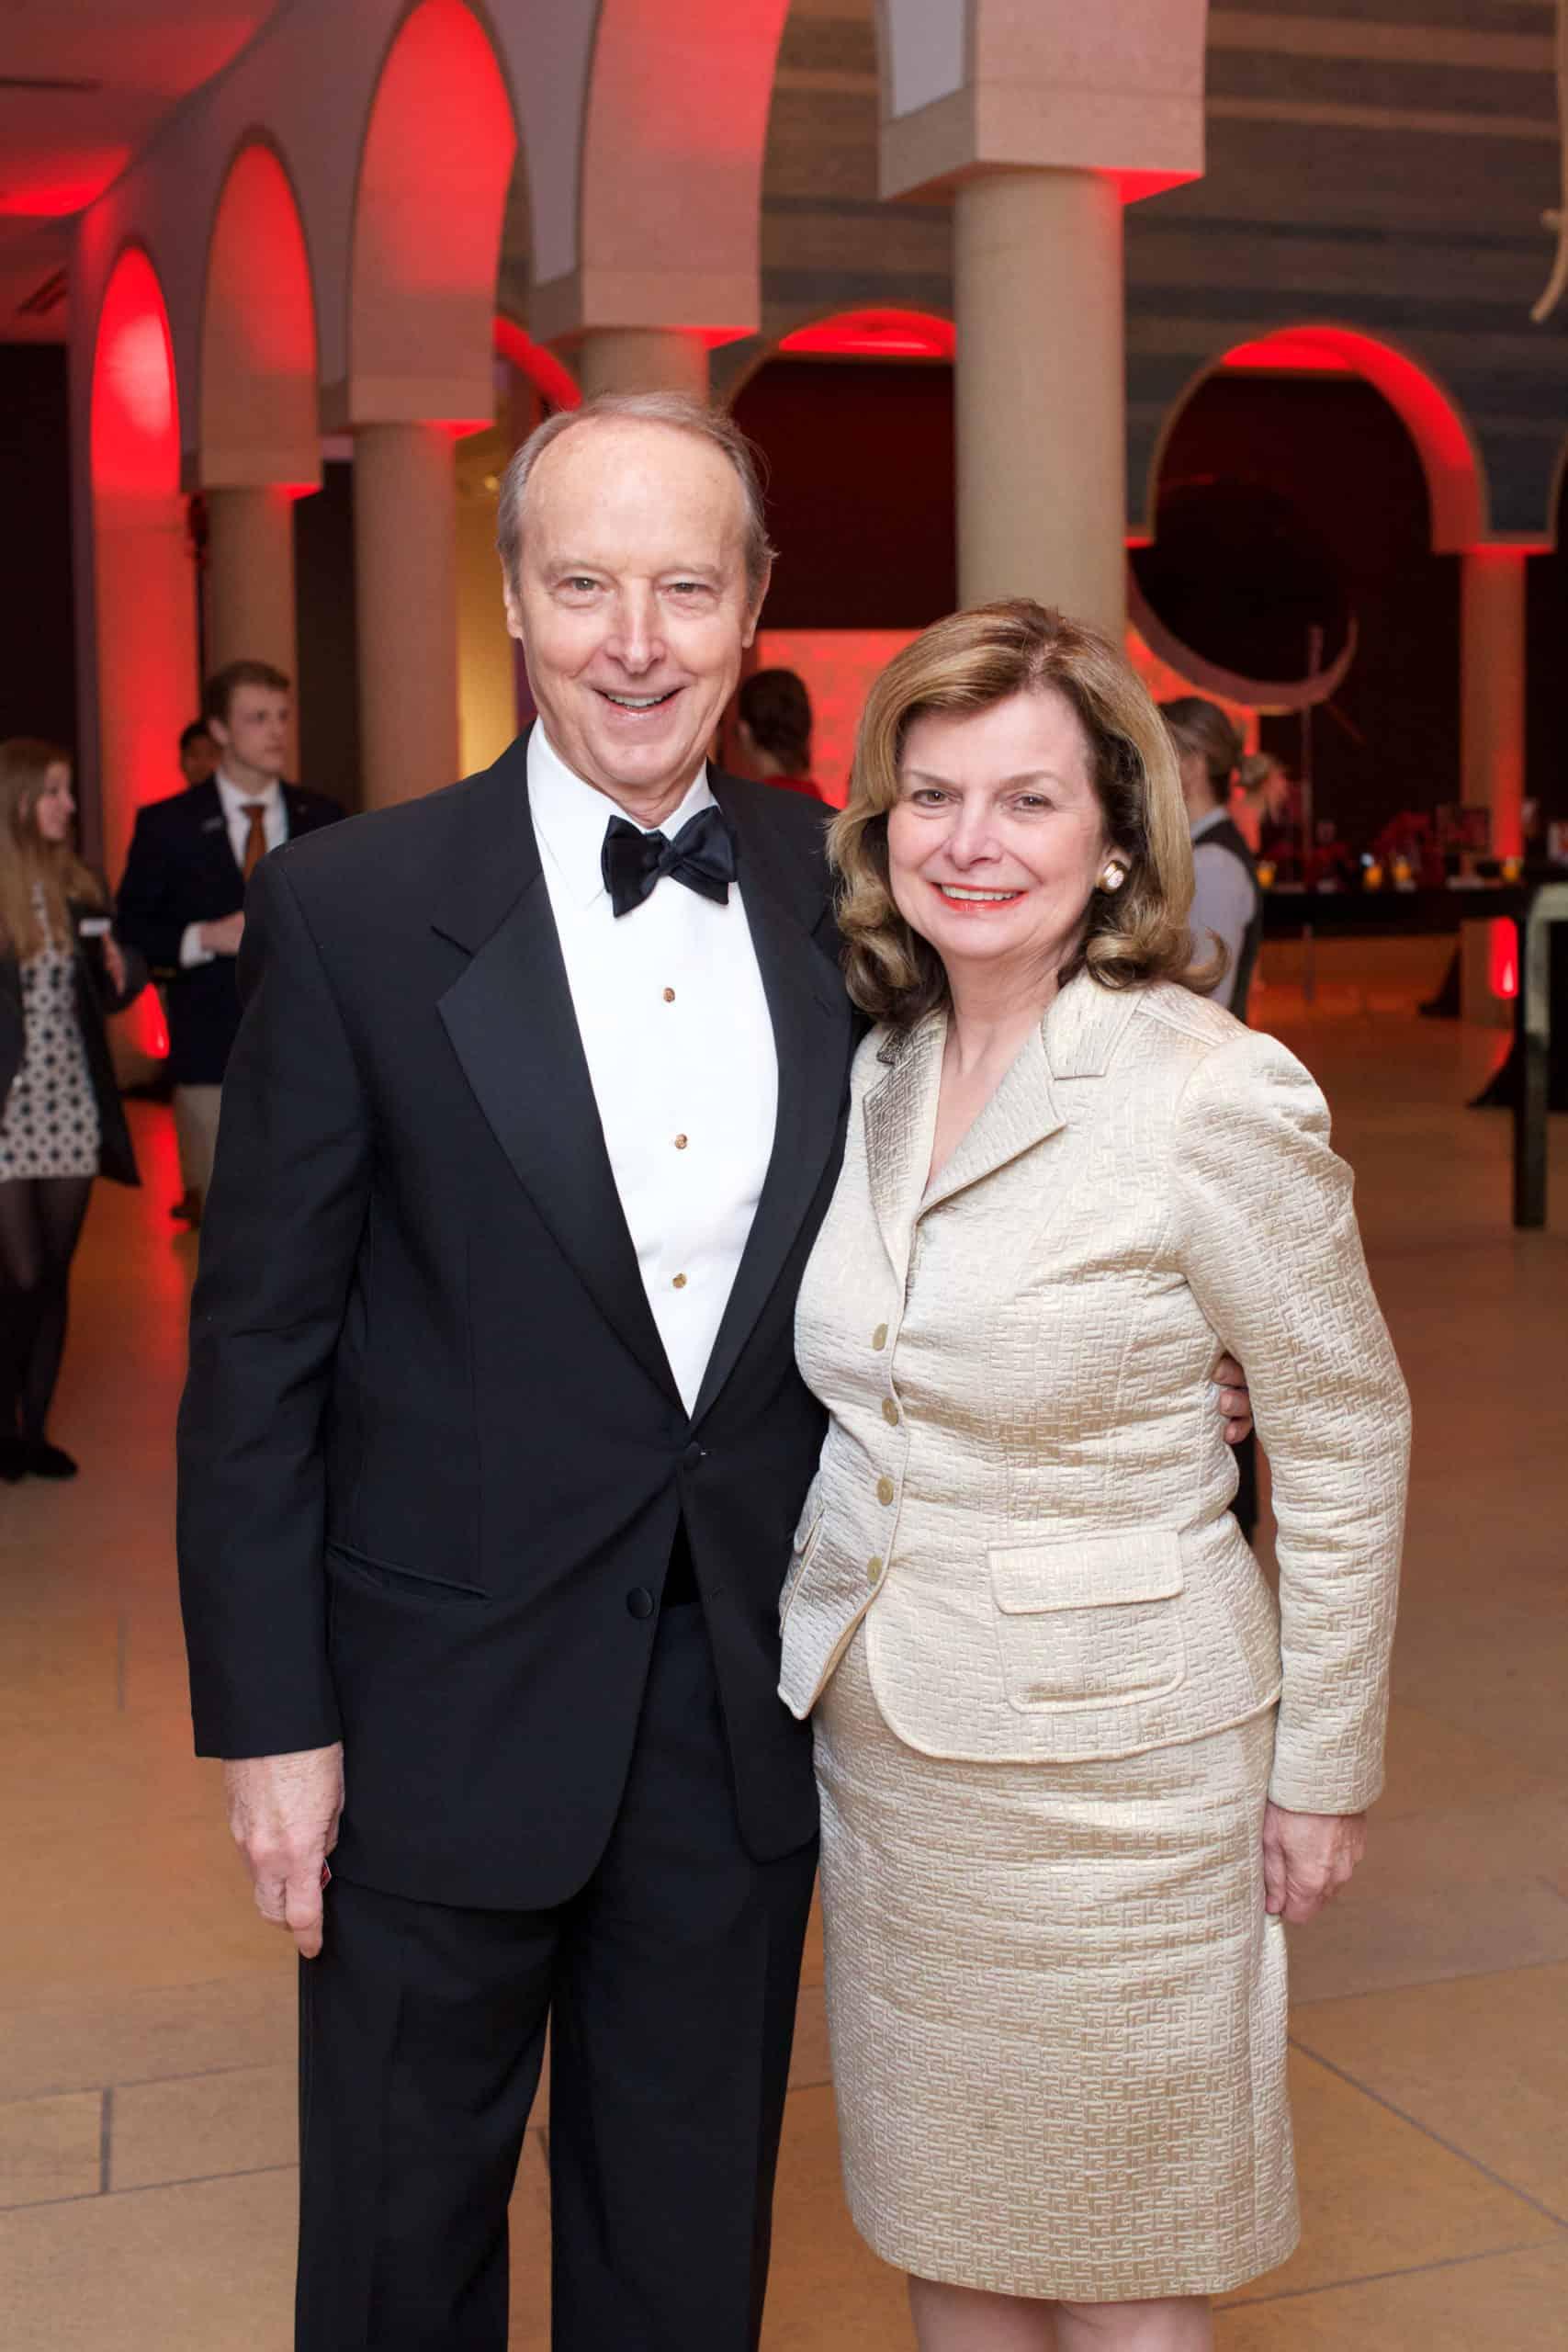 David and Judy Beck